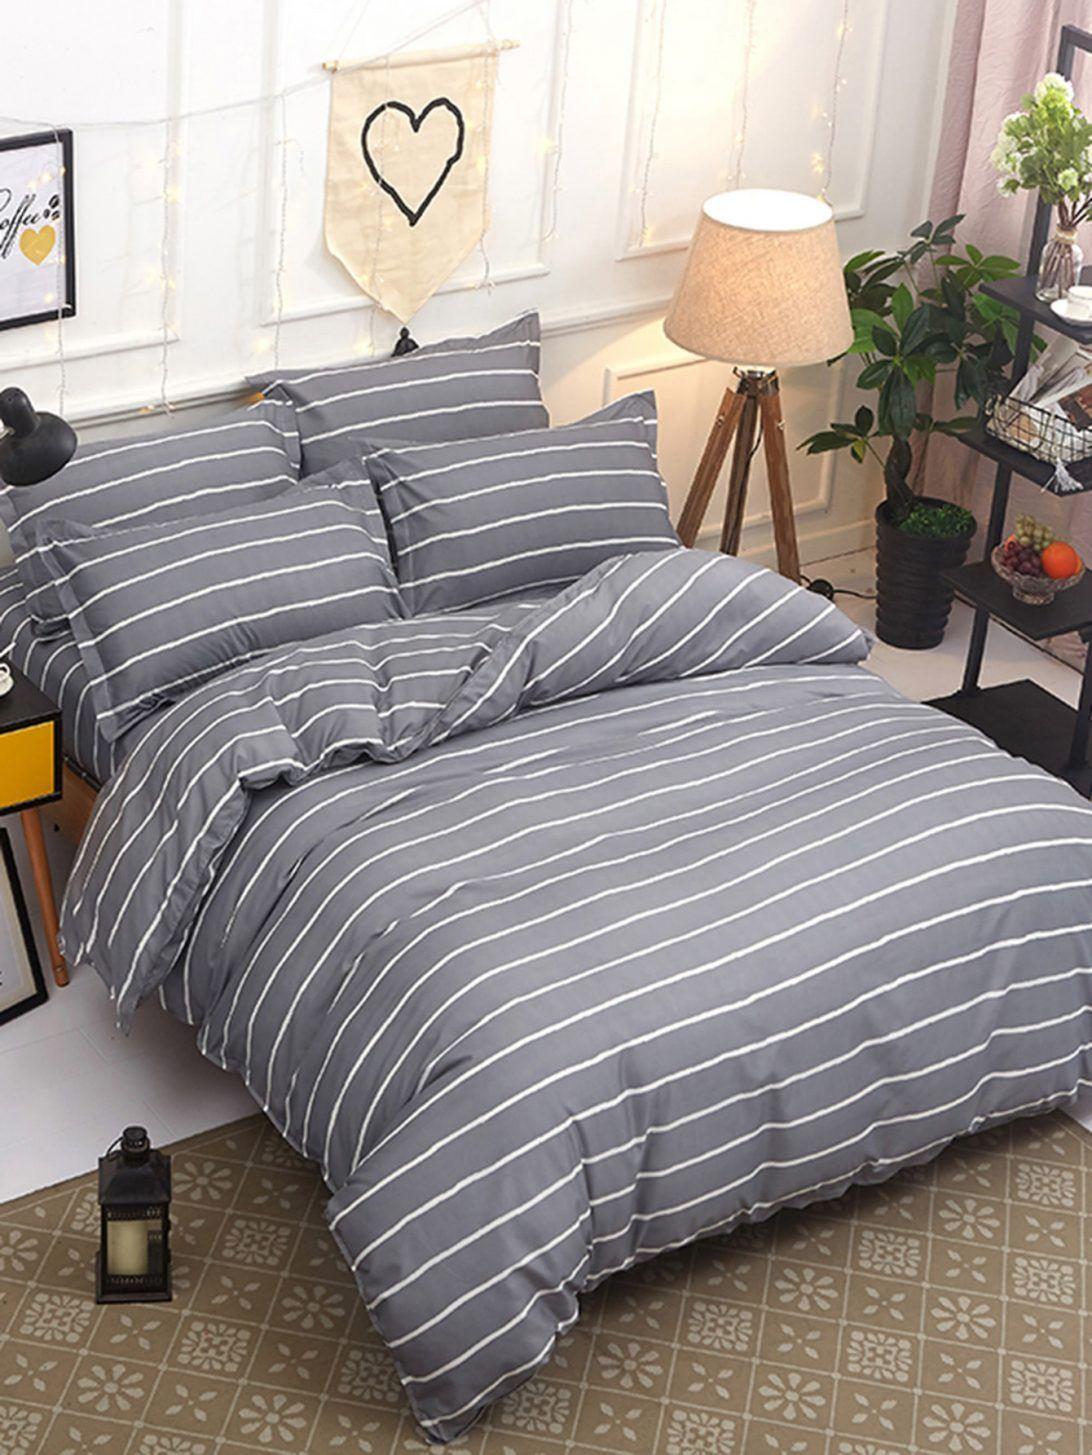 62 Most Marvelous Pinstripe Duvet Cover Striped Sheet Sham Set For